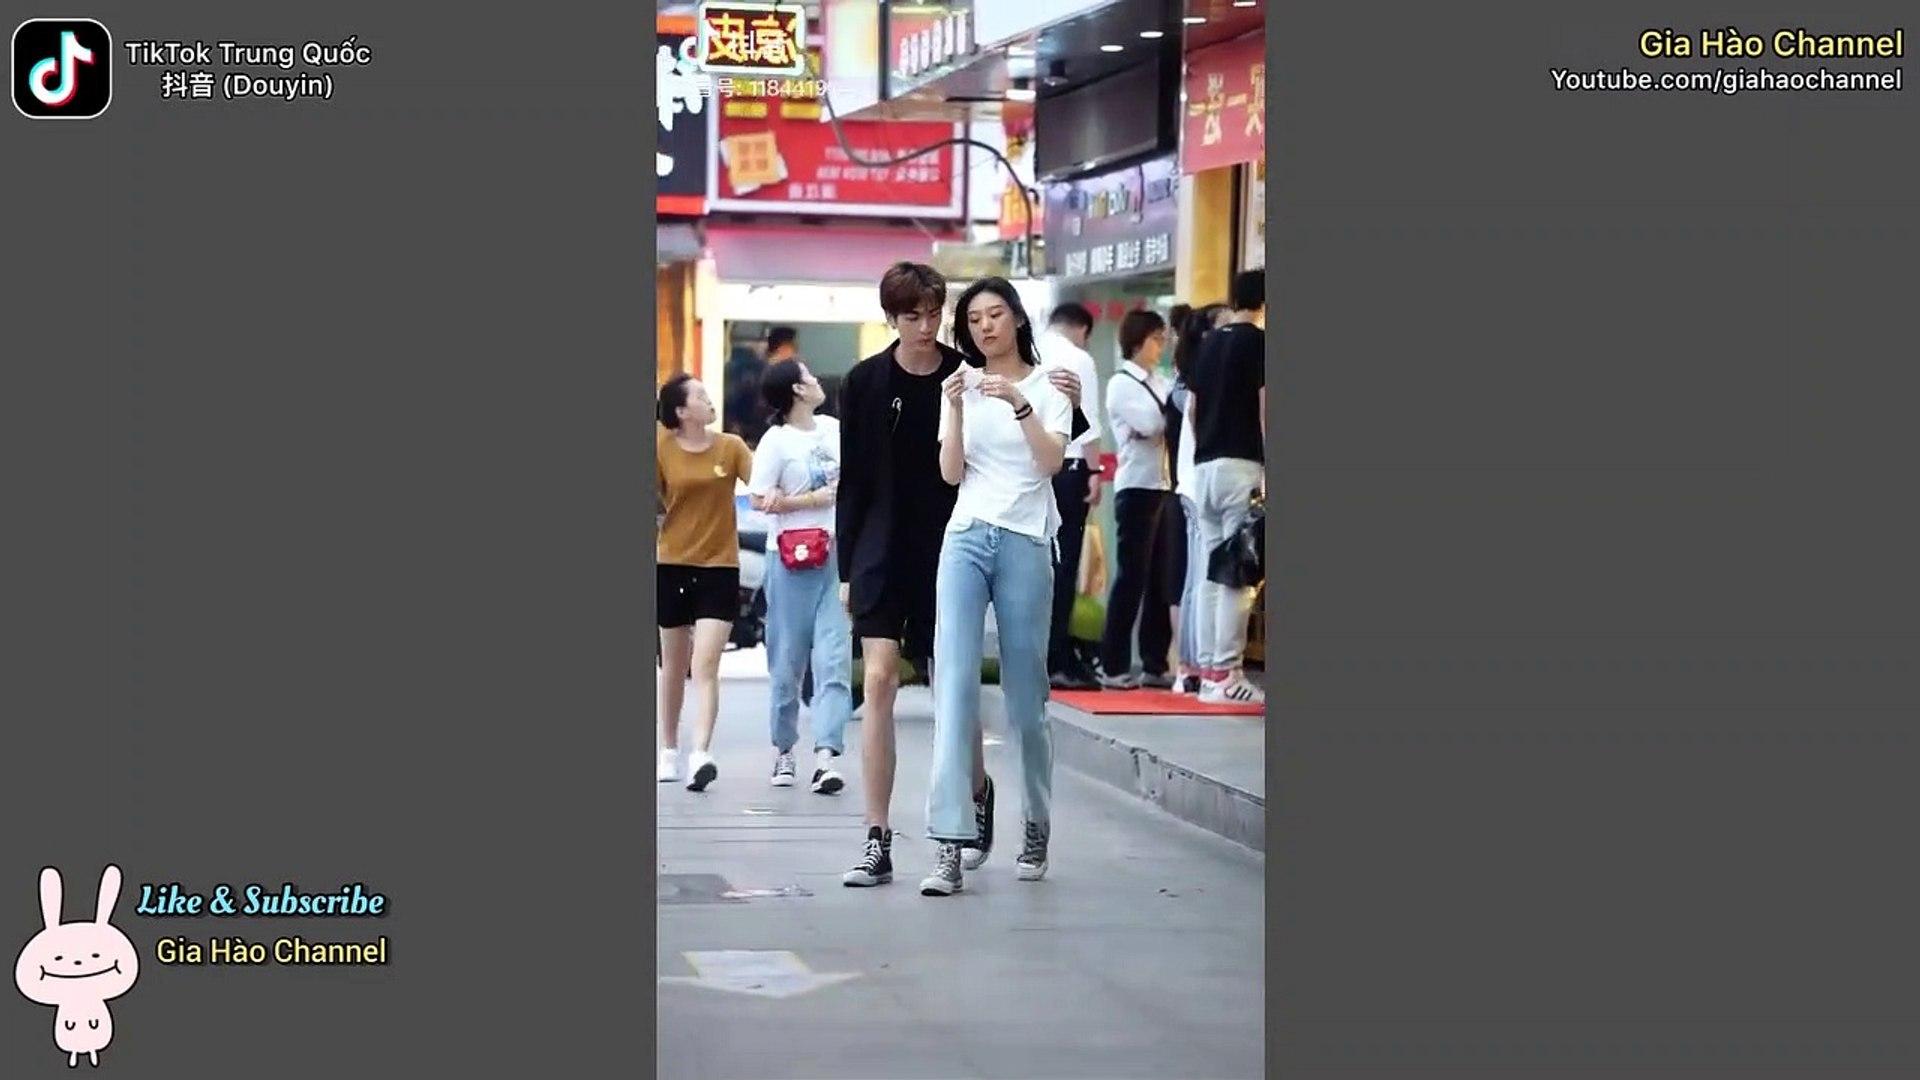 【抖音】TikTok Trung Quốc ❤️ Thời trang đường phố Trung Quốc #11 - Street style in China